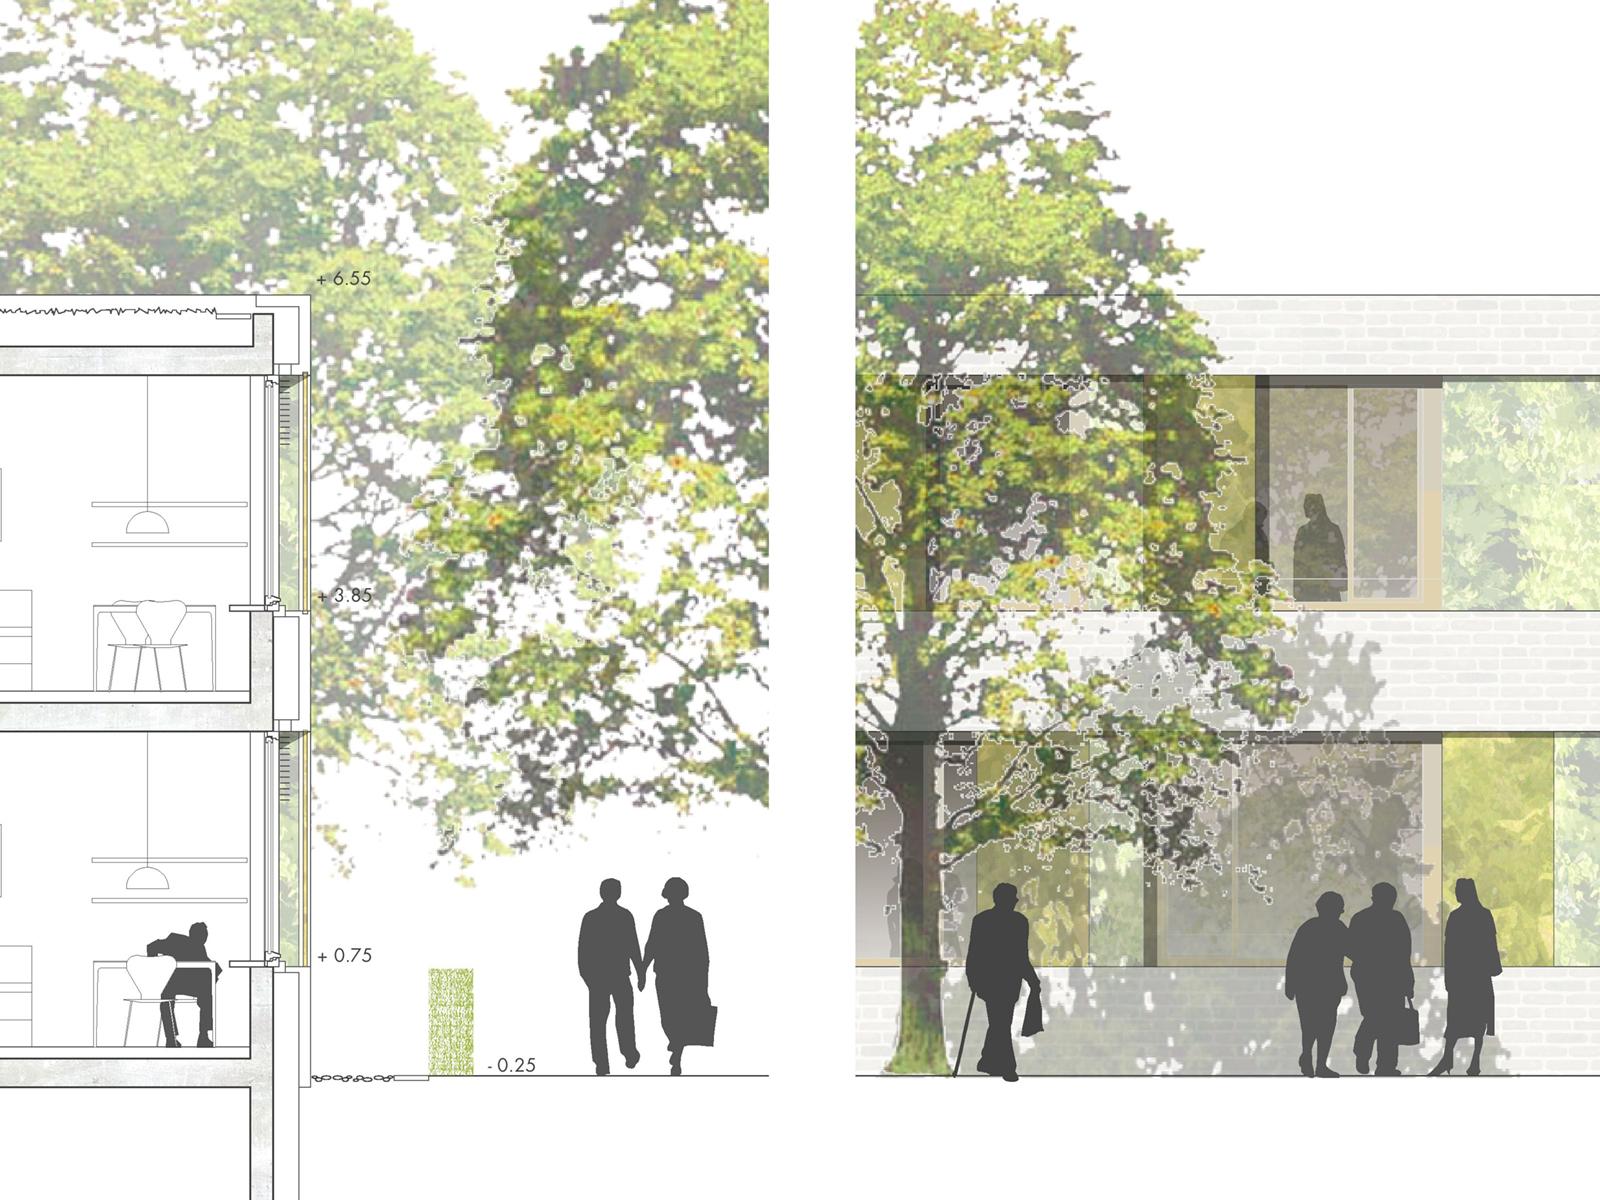 Detail-Wettbewerb-Neubau-Seniorenzentrum-Gundelsheim-2.Preis-2010-© Friedrich-Poerschke-Zwink-Architekten